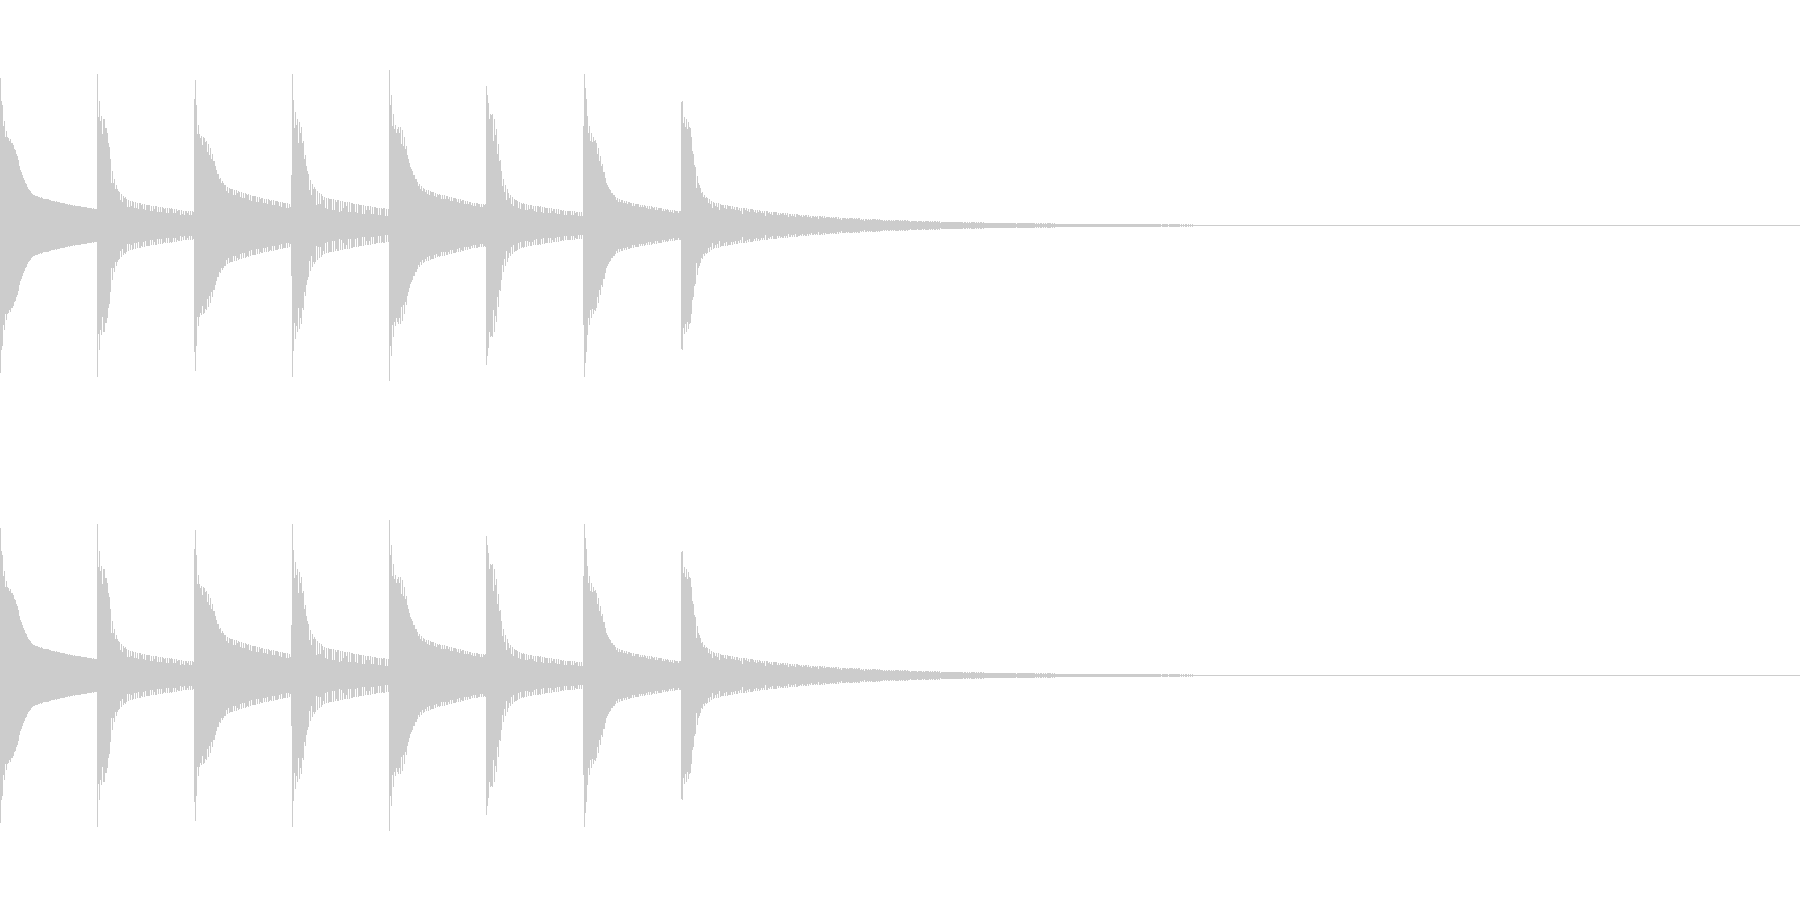 FX・SE/着信音/コール/アラーム/3の未再生の波形